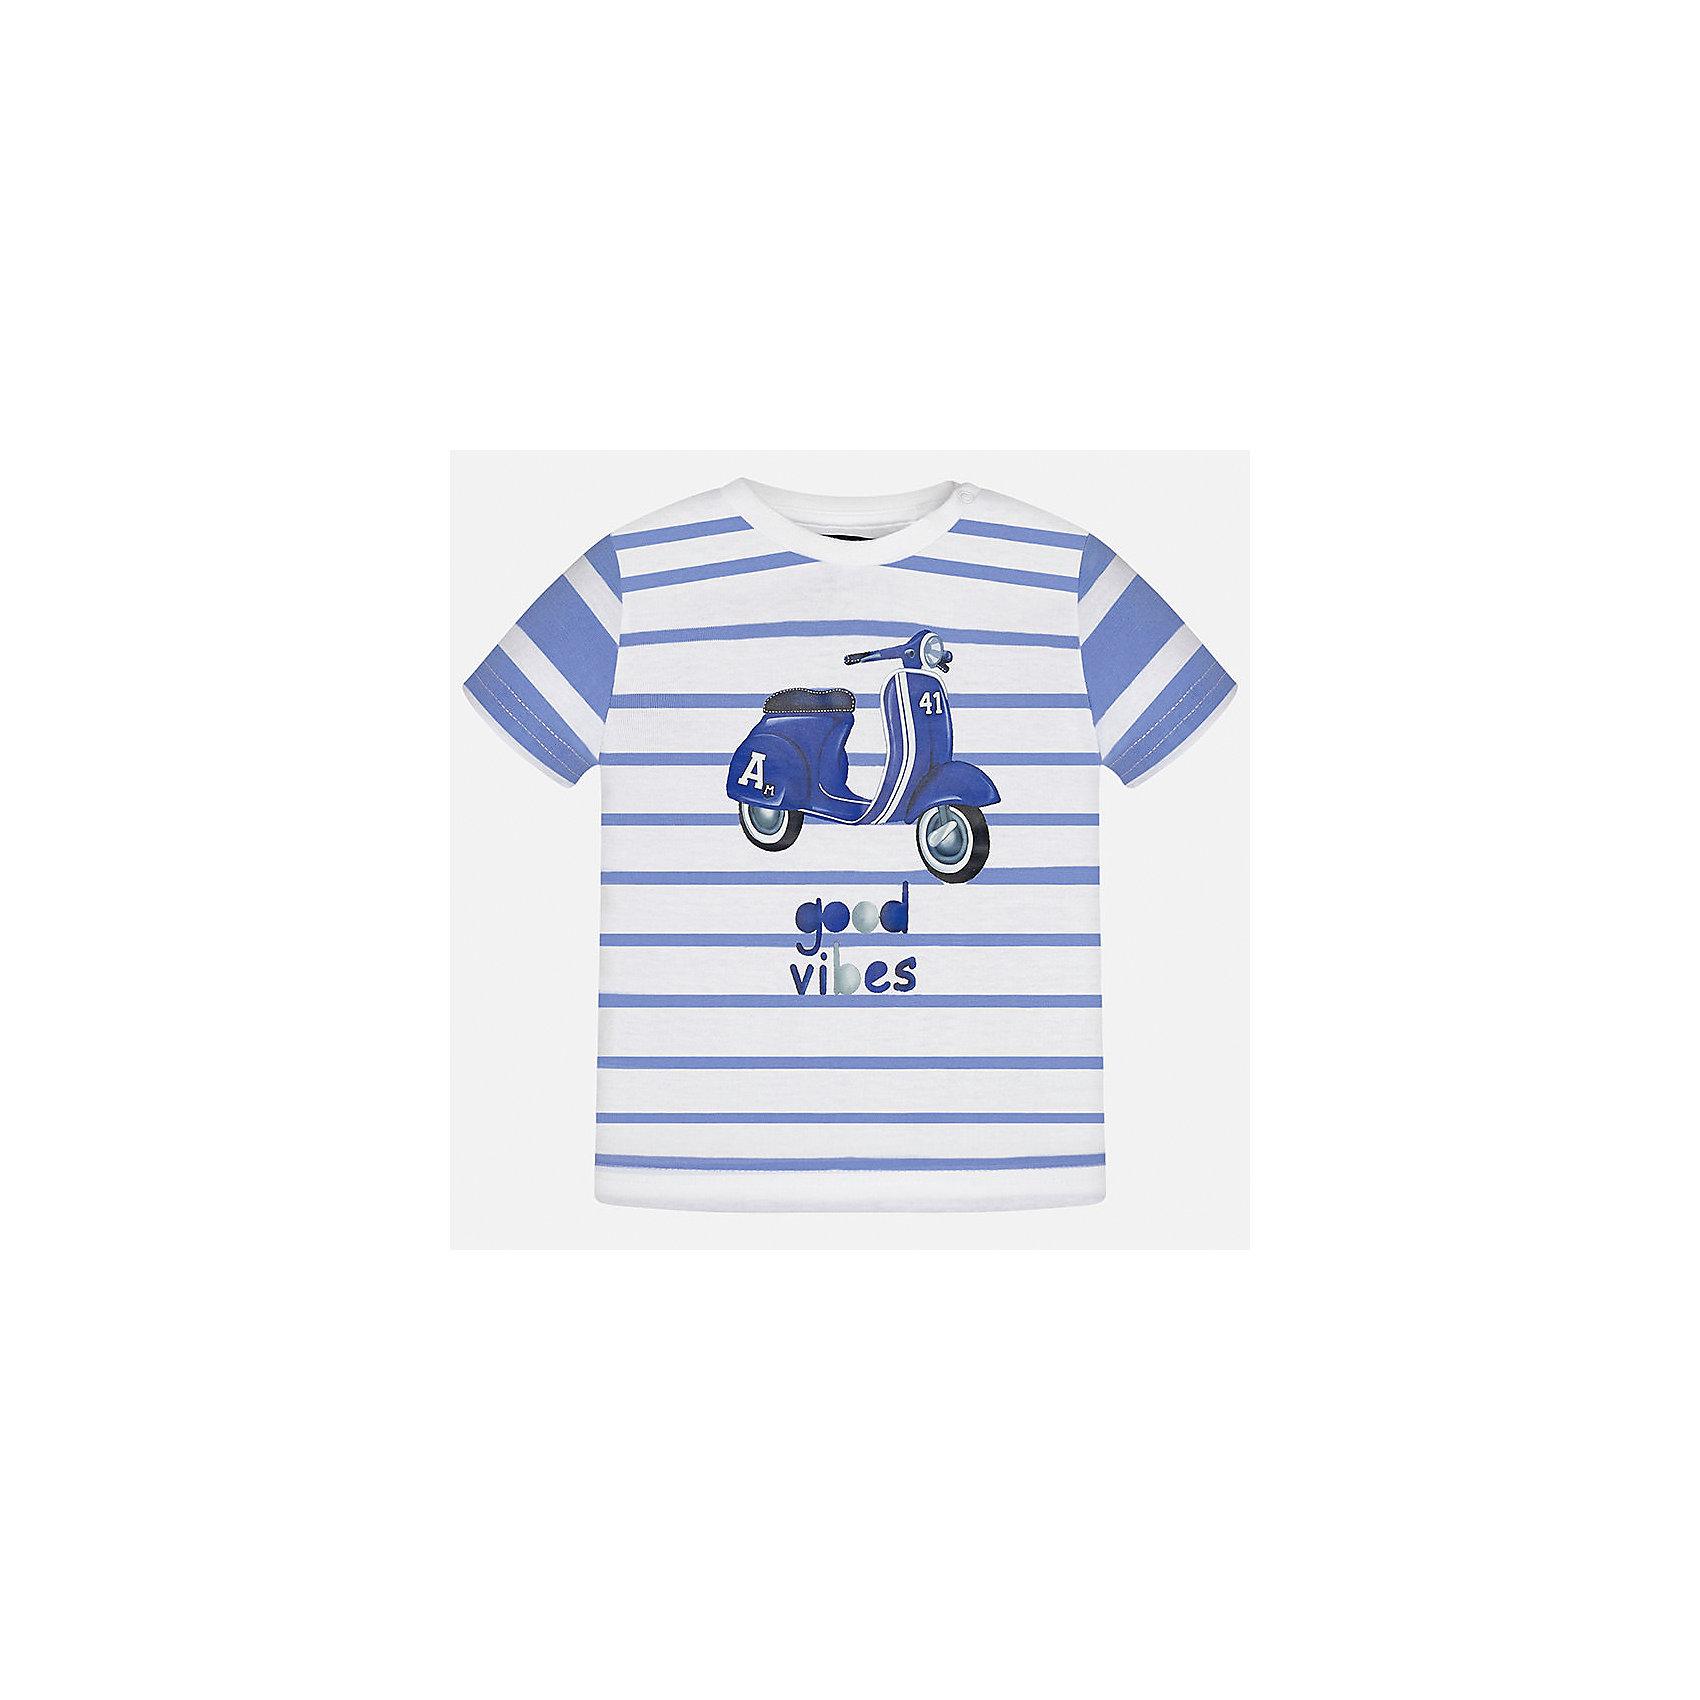 Футболка для мальчика MayoralФутболки, топы<br>Характеристики товара:<br><br>• цвет: белый/синий<br>• состав: 100% хлопок<br>• круглый горловой вырез<br>• декорирована принтом<br>• короткие рукава<br>• мягкая отделка горловины<br>• страна бренда: Испания<br><br>Стильная удобная футболка с принтом поможет разнообразить гардероб мальчика. Она отлично сочетается с брюками, шортами, джинсами. Универсальный крой и цвет позволяет подобрать к вещи низ разных расцветок. Практичное и стильное изделие! Хорошо смотрится и комфортно сидит на детях. В составе материала - натуральный хлопок, гипоаллергенный, приятный на ощупь, дышащий. <br><br>Одежда, обувь и аксессуары от испанского бренда Mayoral полюбились детям и взрослым по всему миру. Модели этой марки - стильные и удобные. Для их производства используются только безопасные, качественные материалы и фурнитура. Порадуйте ребенка модными и красивыми вещами от Mayoral! <br><br>Футболку для мальчика от испанского бренда Mayoral (Майорал) можно купить в нашем интернет-магазине.<br><br>Ширина мм: 199<br>Глубина мм: 10<br>Высота мм: 161<br>Вес г: 151<br>Цвет: белый<br>Возраст от месяцев: 12<br>Возраст до месяцев: 15<br>Пол: Мужской<br>Возраст: Детский<br>Размер: 80,92,86<br>SKU: 5278401